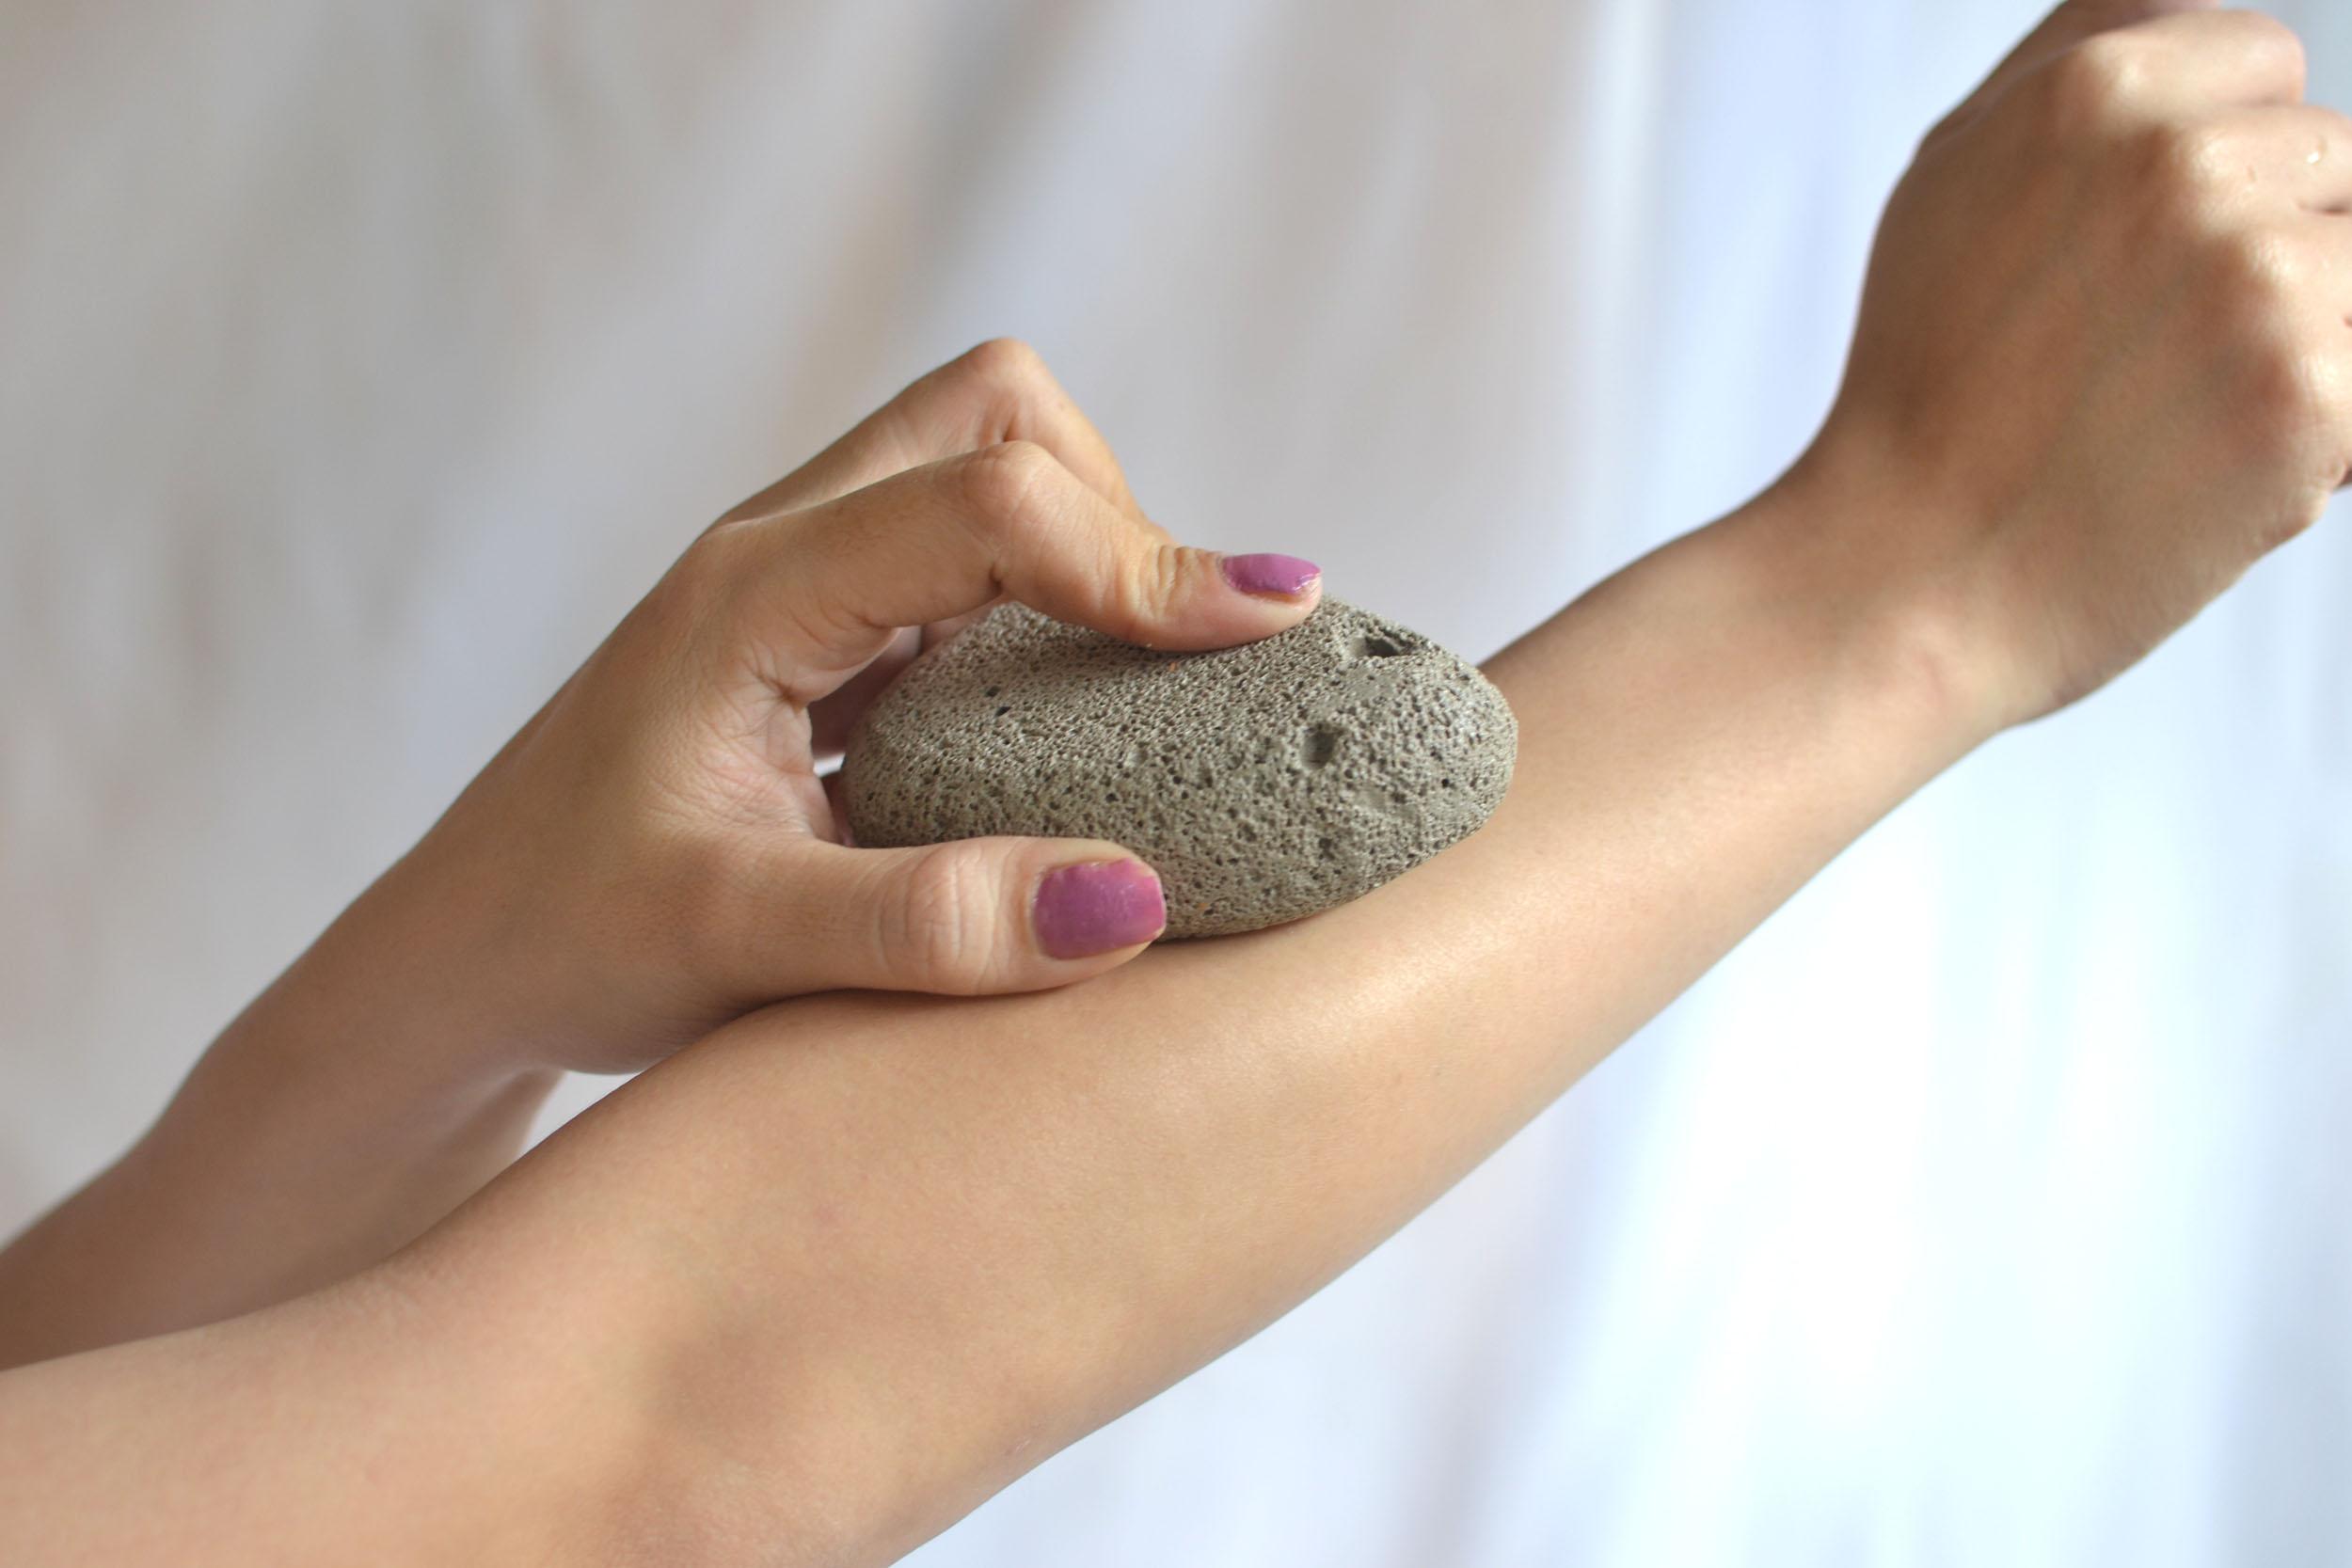 تعرفي كيف تستخدمي الحجر الخفاف لازالة شعر الجسم نهائيا